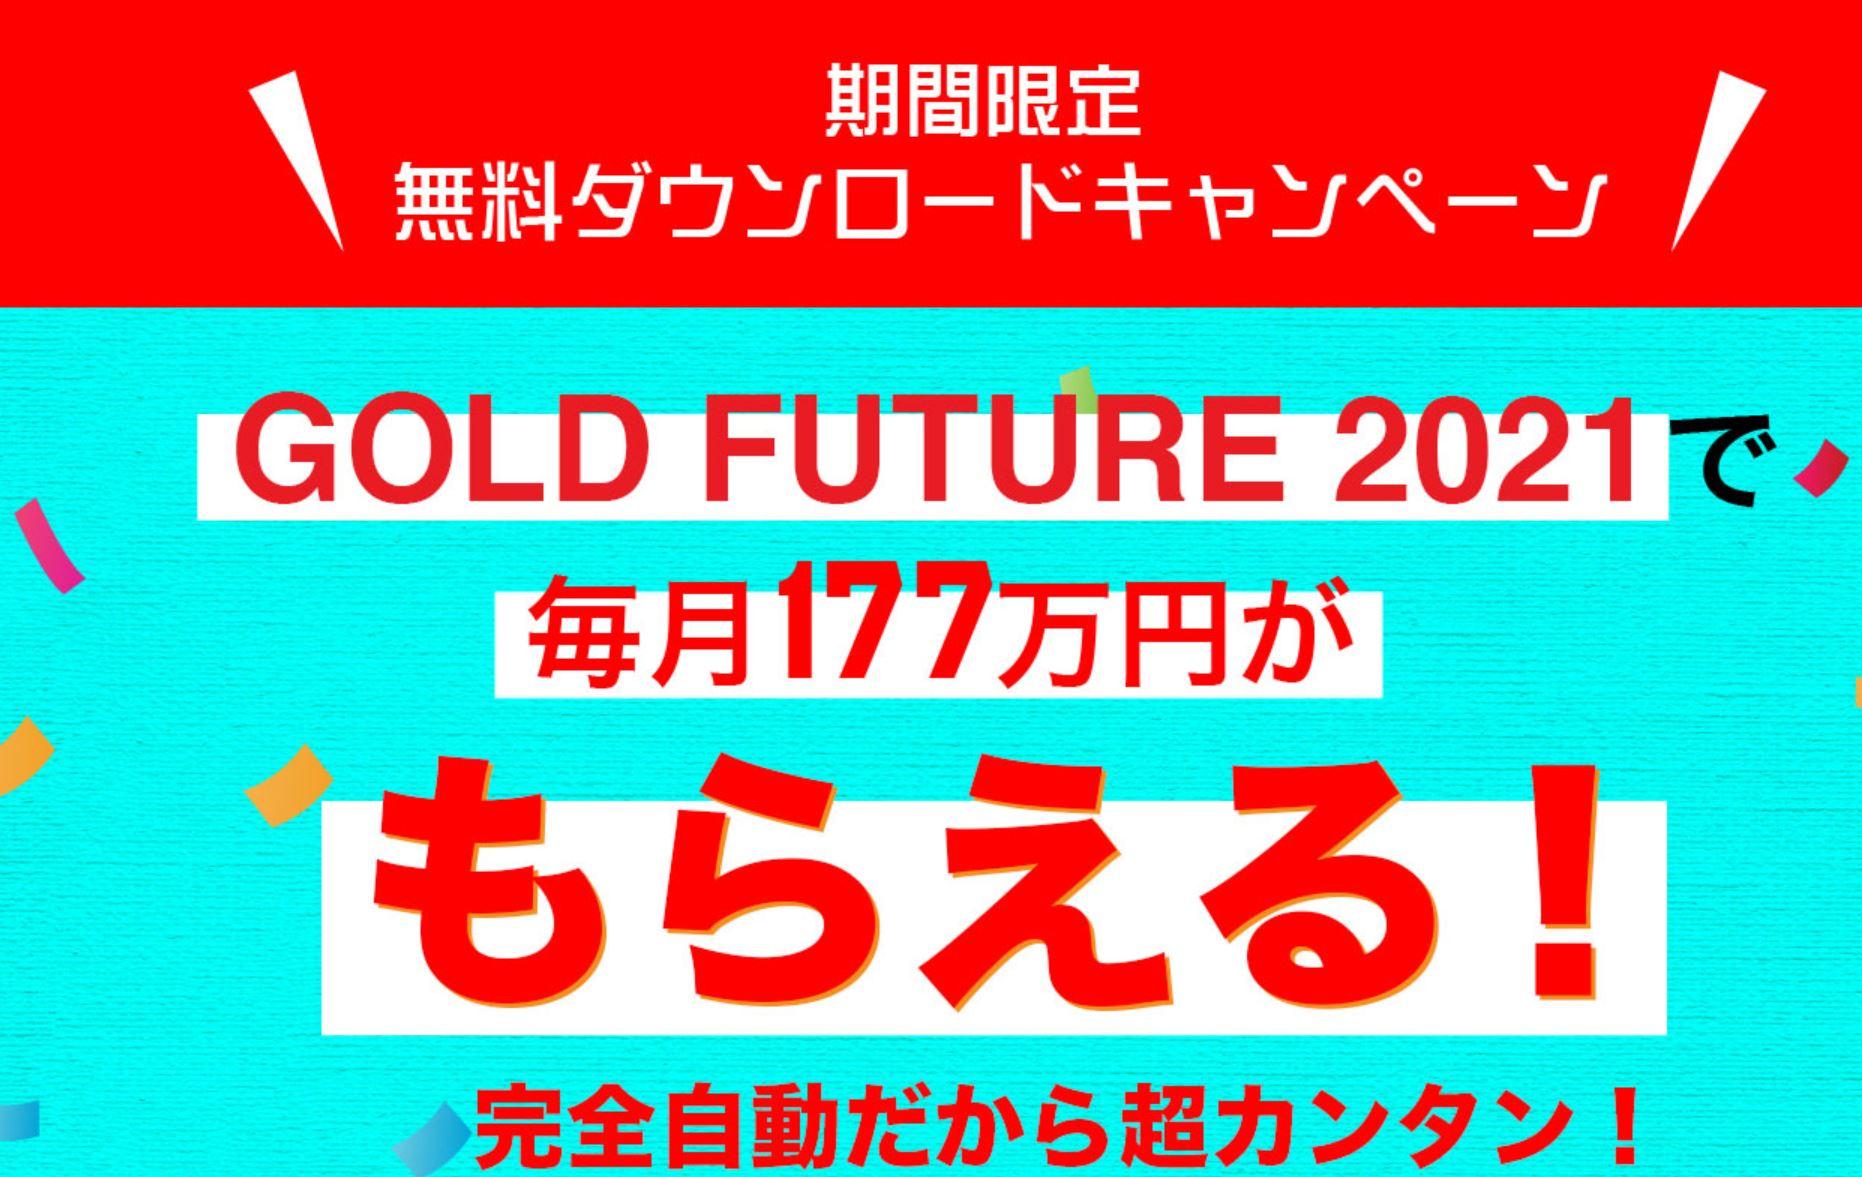 水谷佐彩 GOLD FUTURE 2021で毎月177万円稼げない!?副業詐欺調査